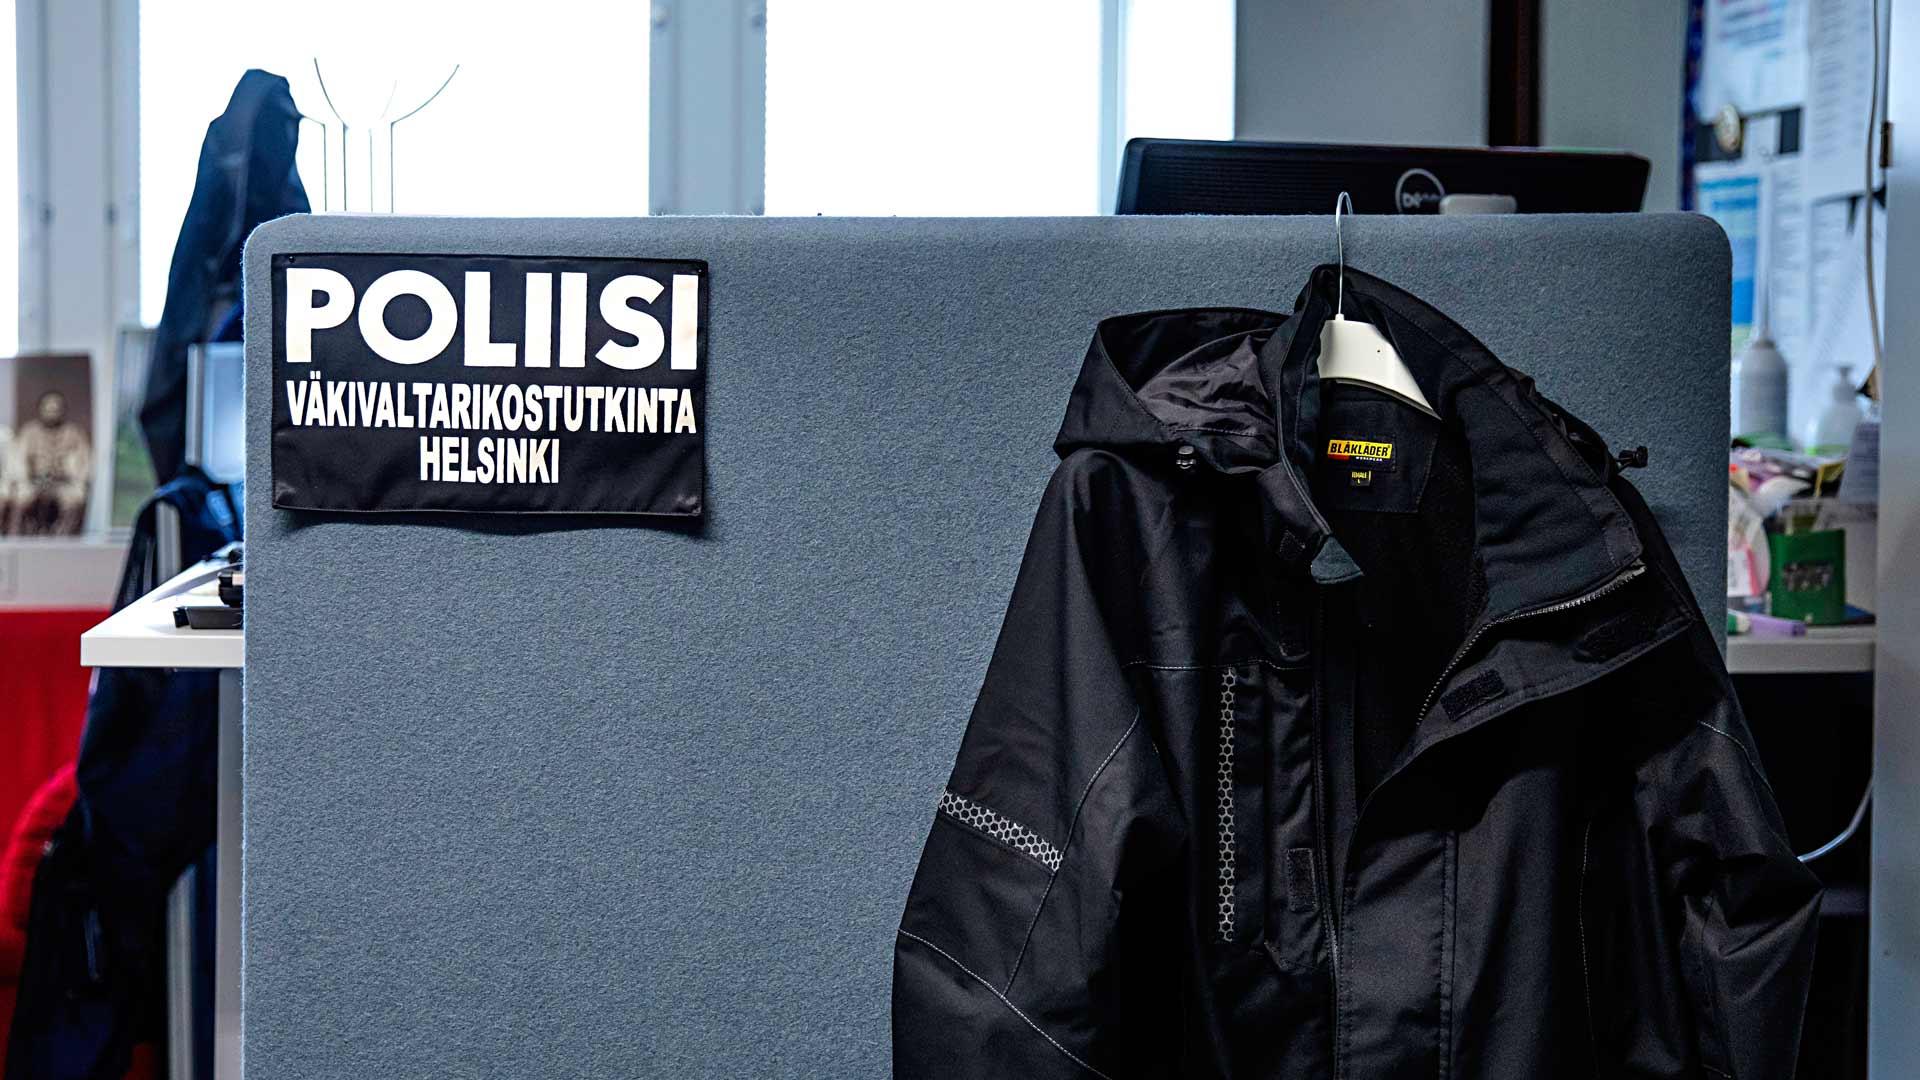 """""""Helsingistä soitettiin ja kerrottiin, että täällä on kuulemma kivaa. Ajattelin, että olen vuoden, mutta 30 vuotta olen ollut. Ei minulla ole koskaan ollut paloa väkivaltarikostutkintaan, mutta kyllä siihen jäi koukkuun. Jonain päivänä vain tajusin, että olen väkivaltaosaston tutkija."""""""